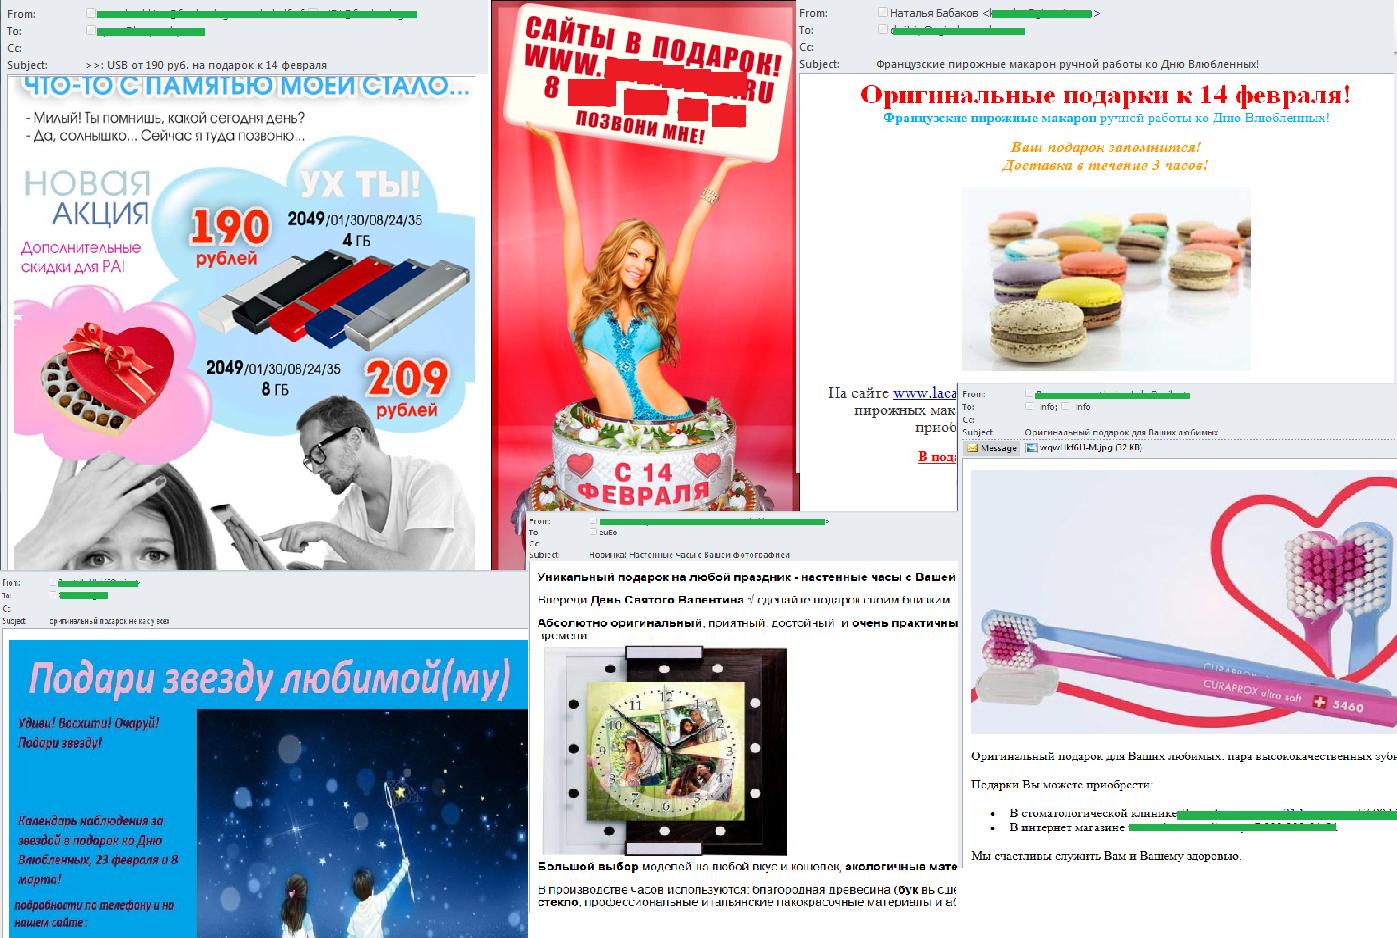 Как рекламировать товар на английском языке контекстная реклама книга скачать f2b